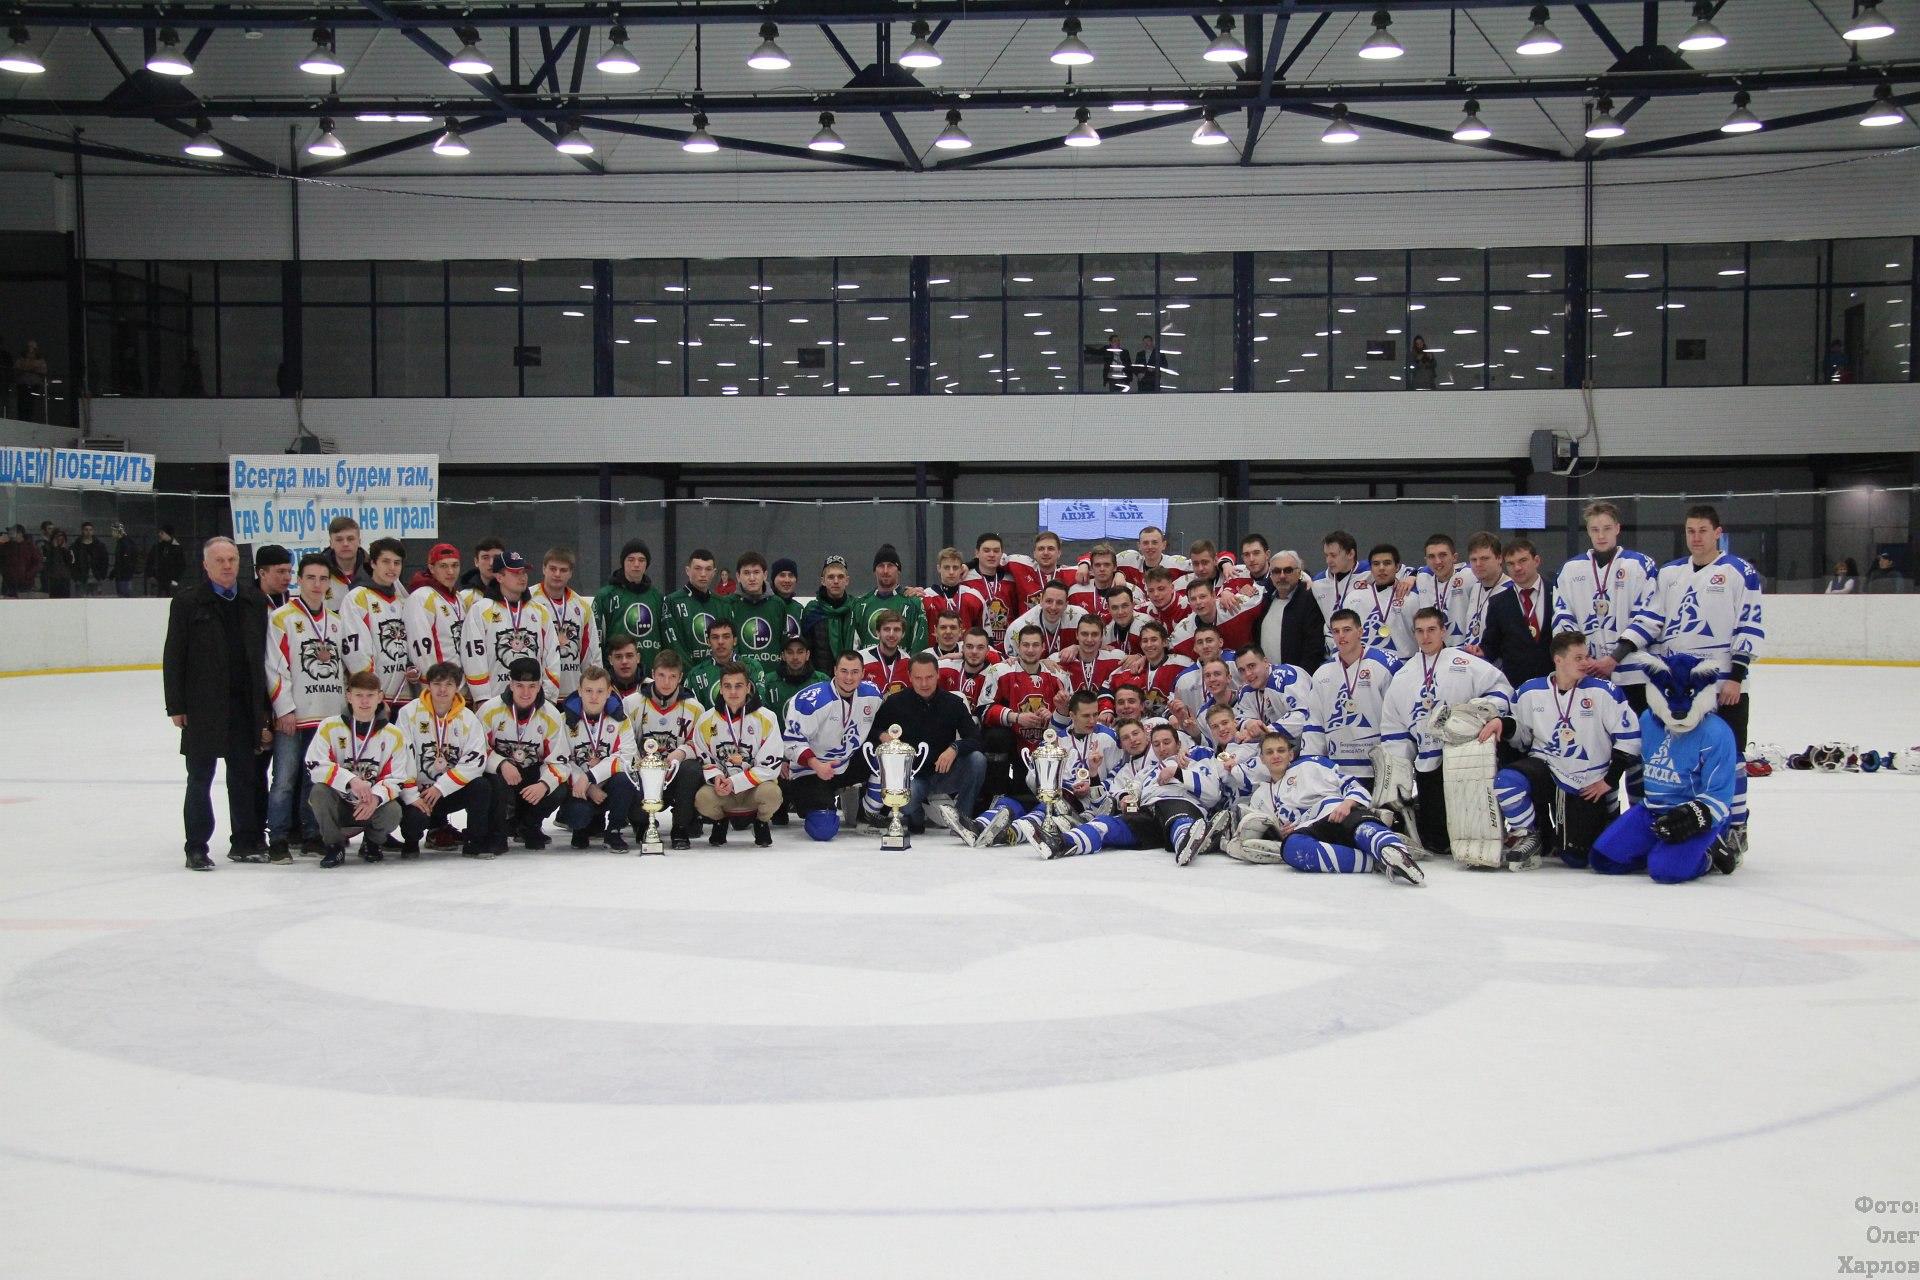 Финал ССХЛ 2017/18 в Барнауле. Фото: Олег Харлов